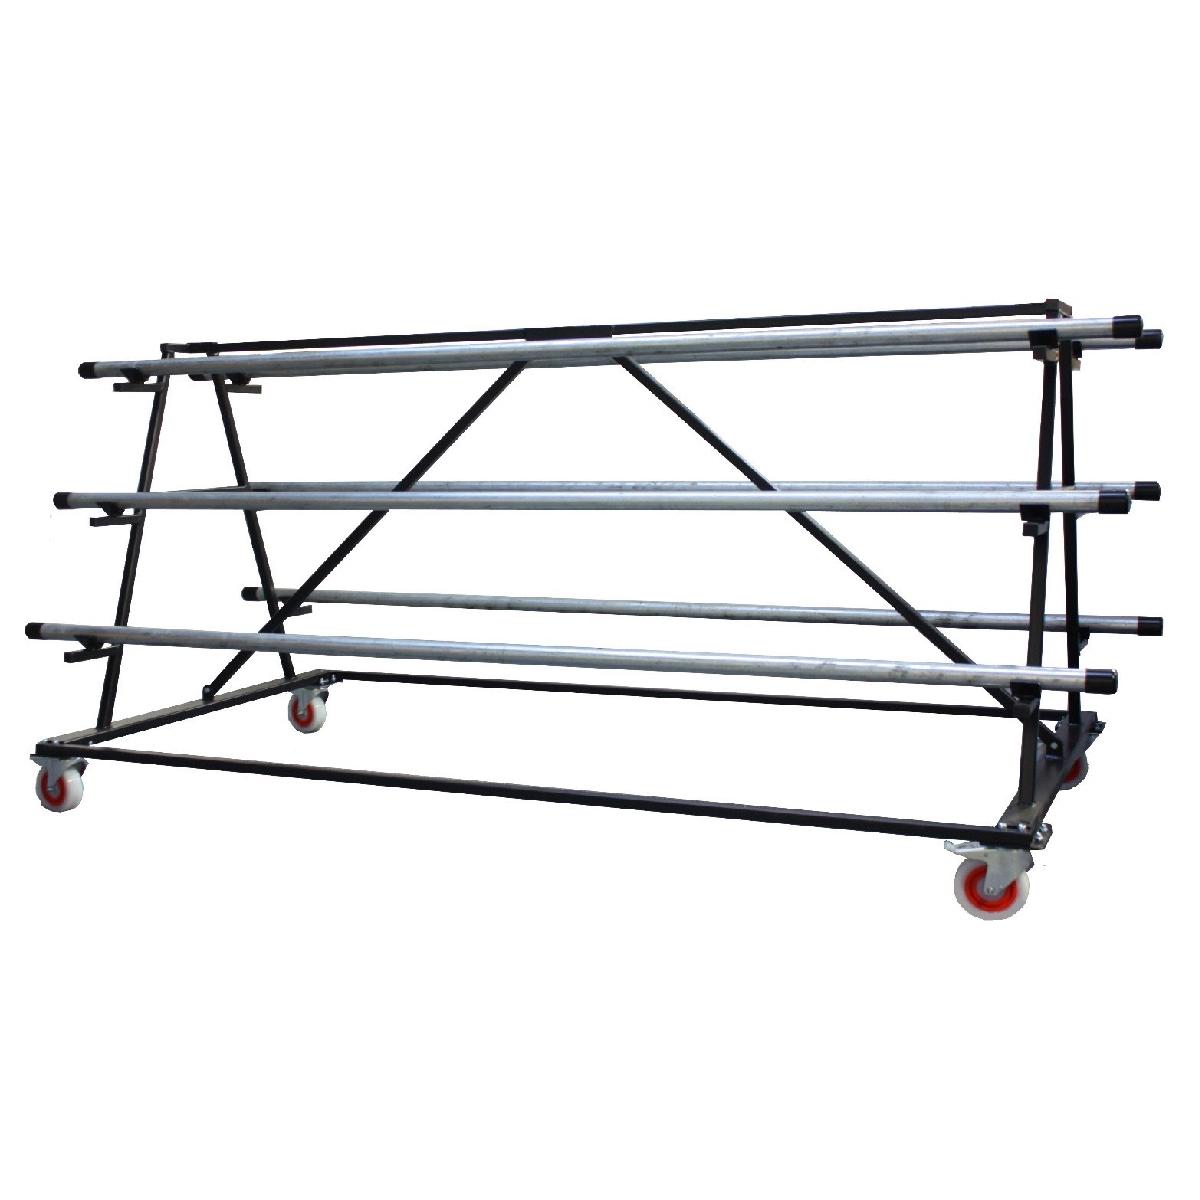 Transportkar voor vinyl dansvloeren - 6 rollen van 2m breed